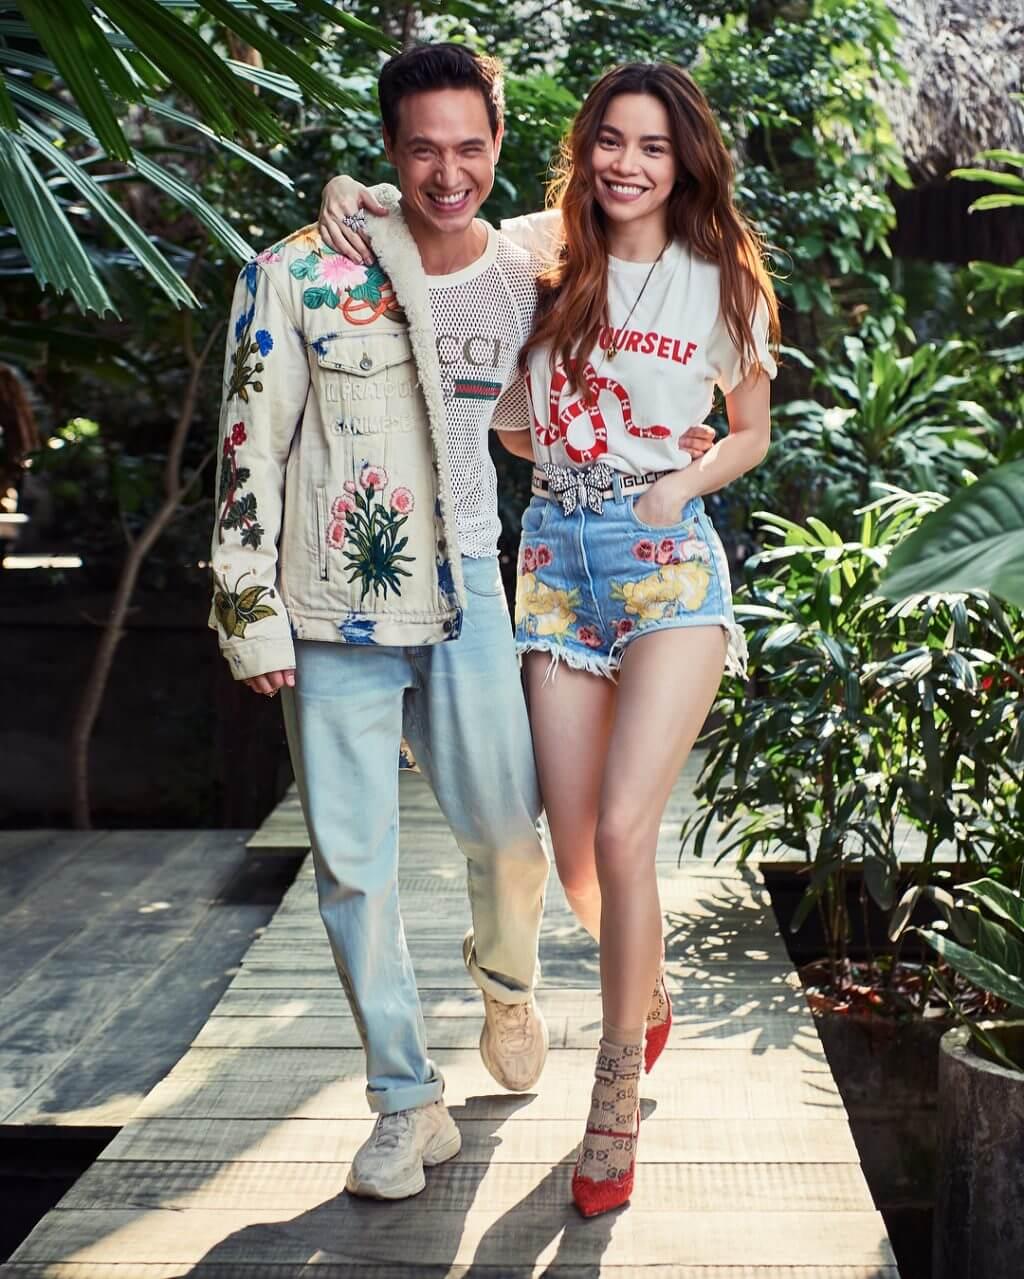 """Hồ Ngọc Hà tiếp tục gây thương nhớ khi diện mẫu áo thun """"Guccify Yourself"""" đến từ thương hiệu Gucci"""